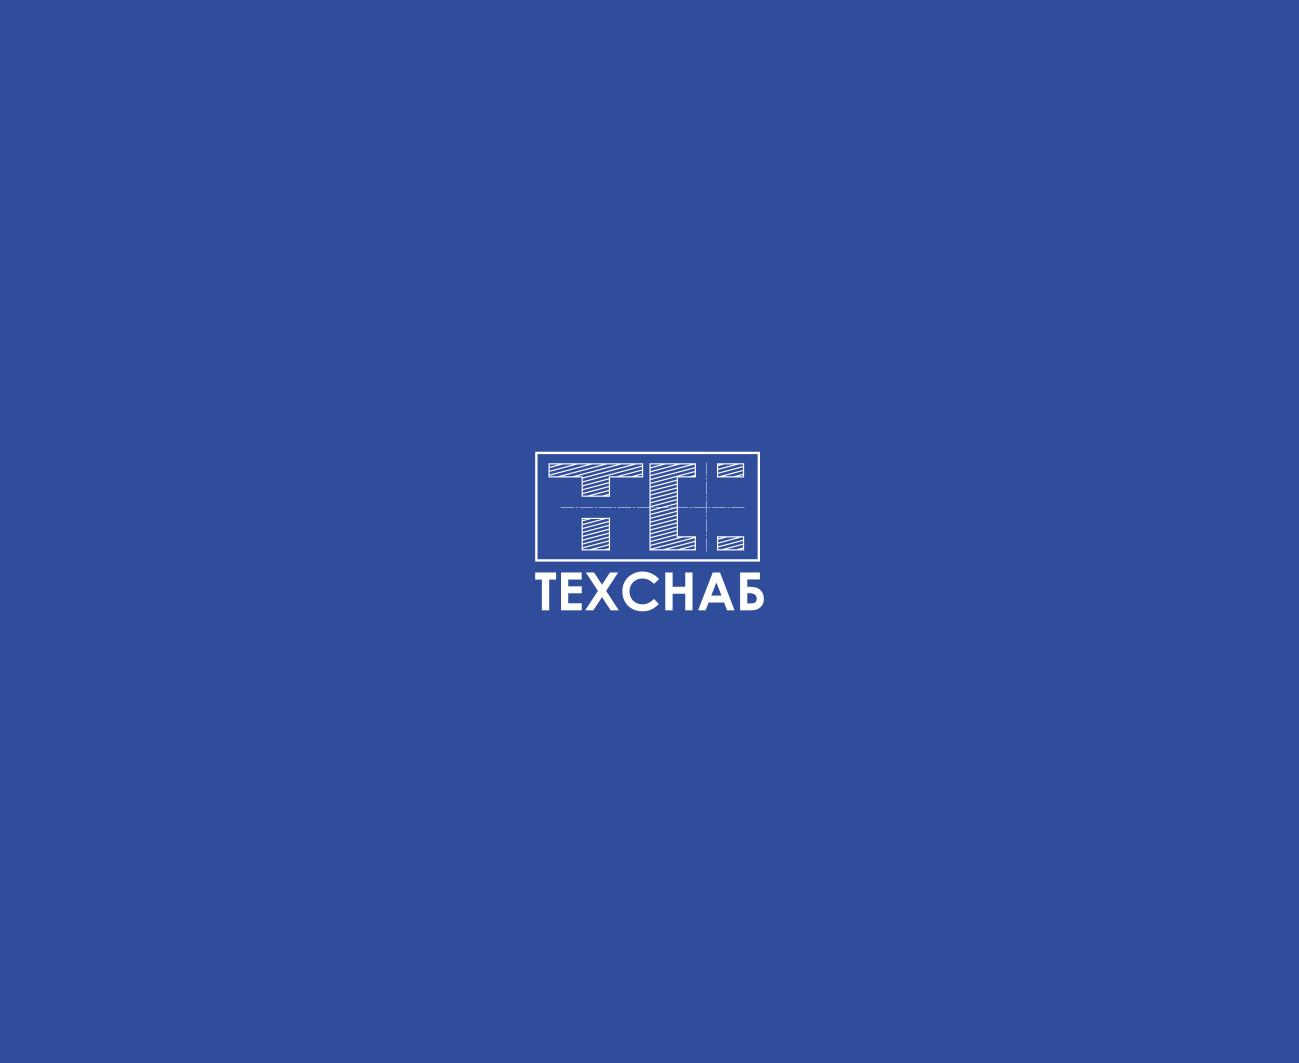 Разработка логотипа и фирм. стиля компании  ТЕХСНАБ фото f_6355b205a76aa0d3.png